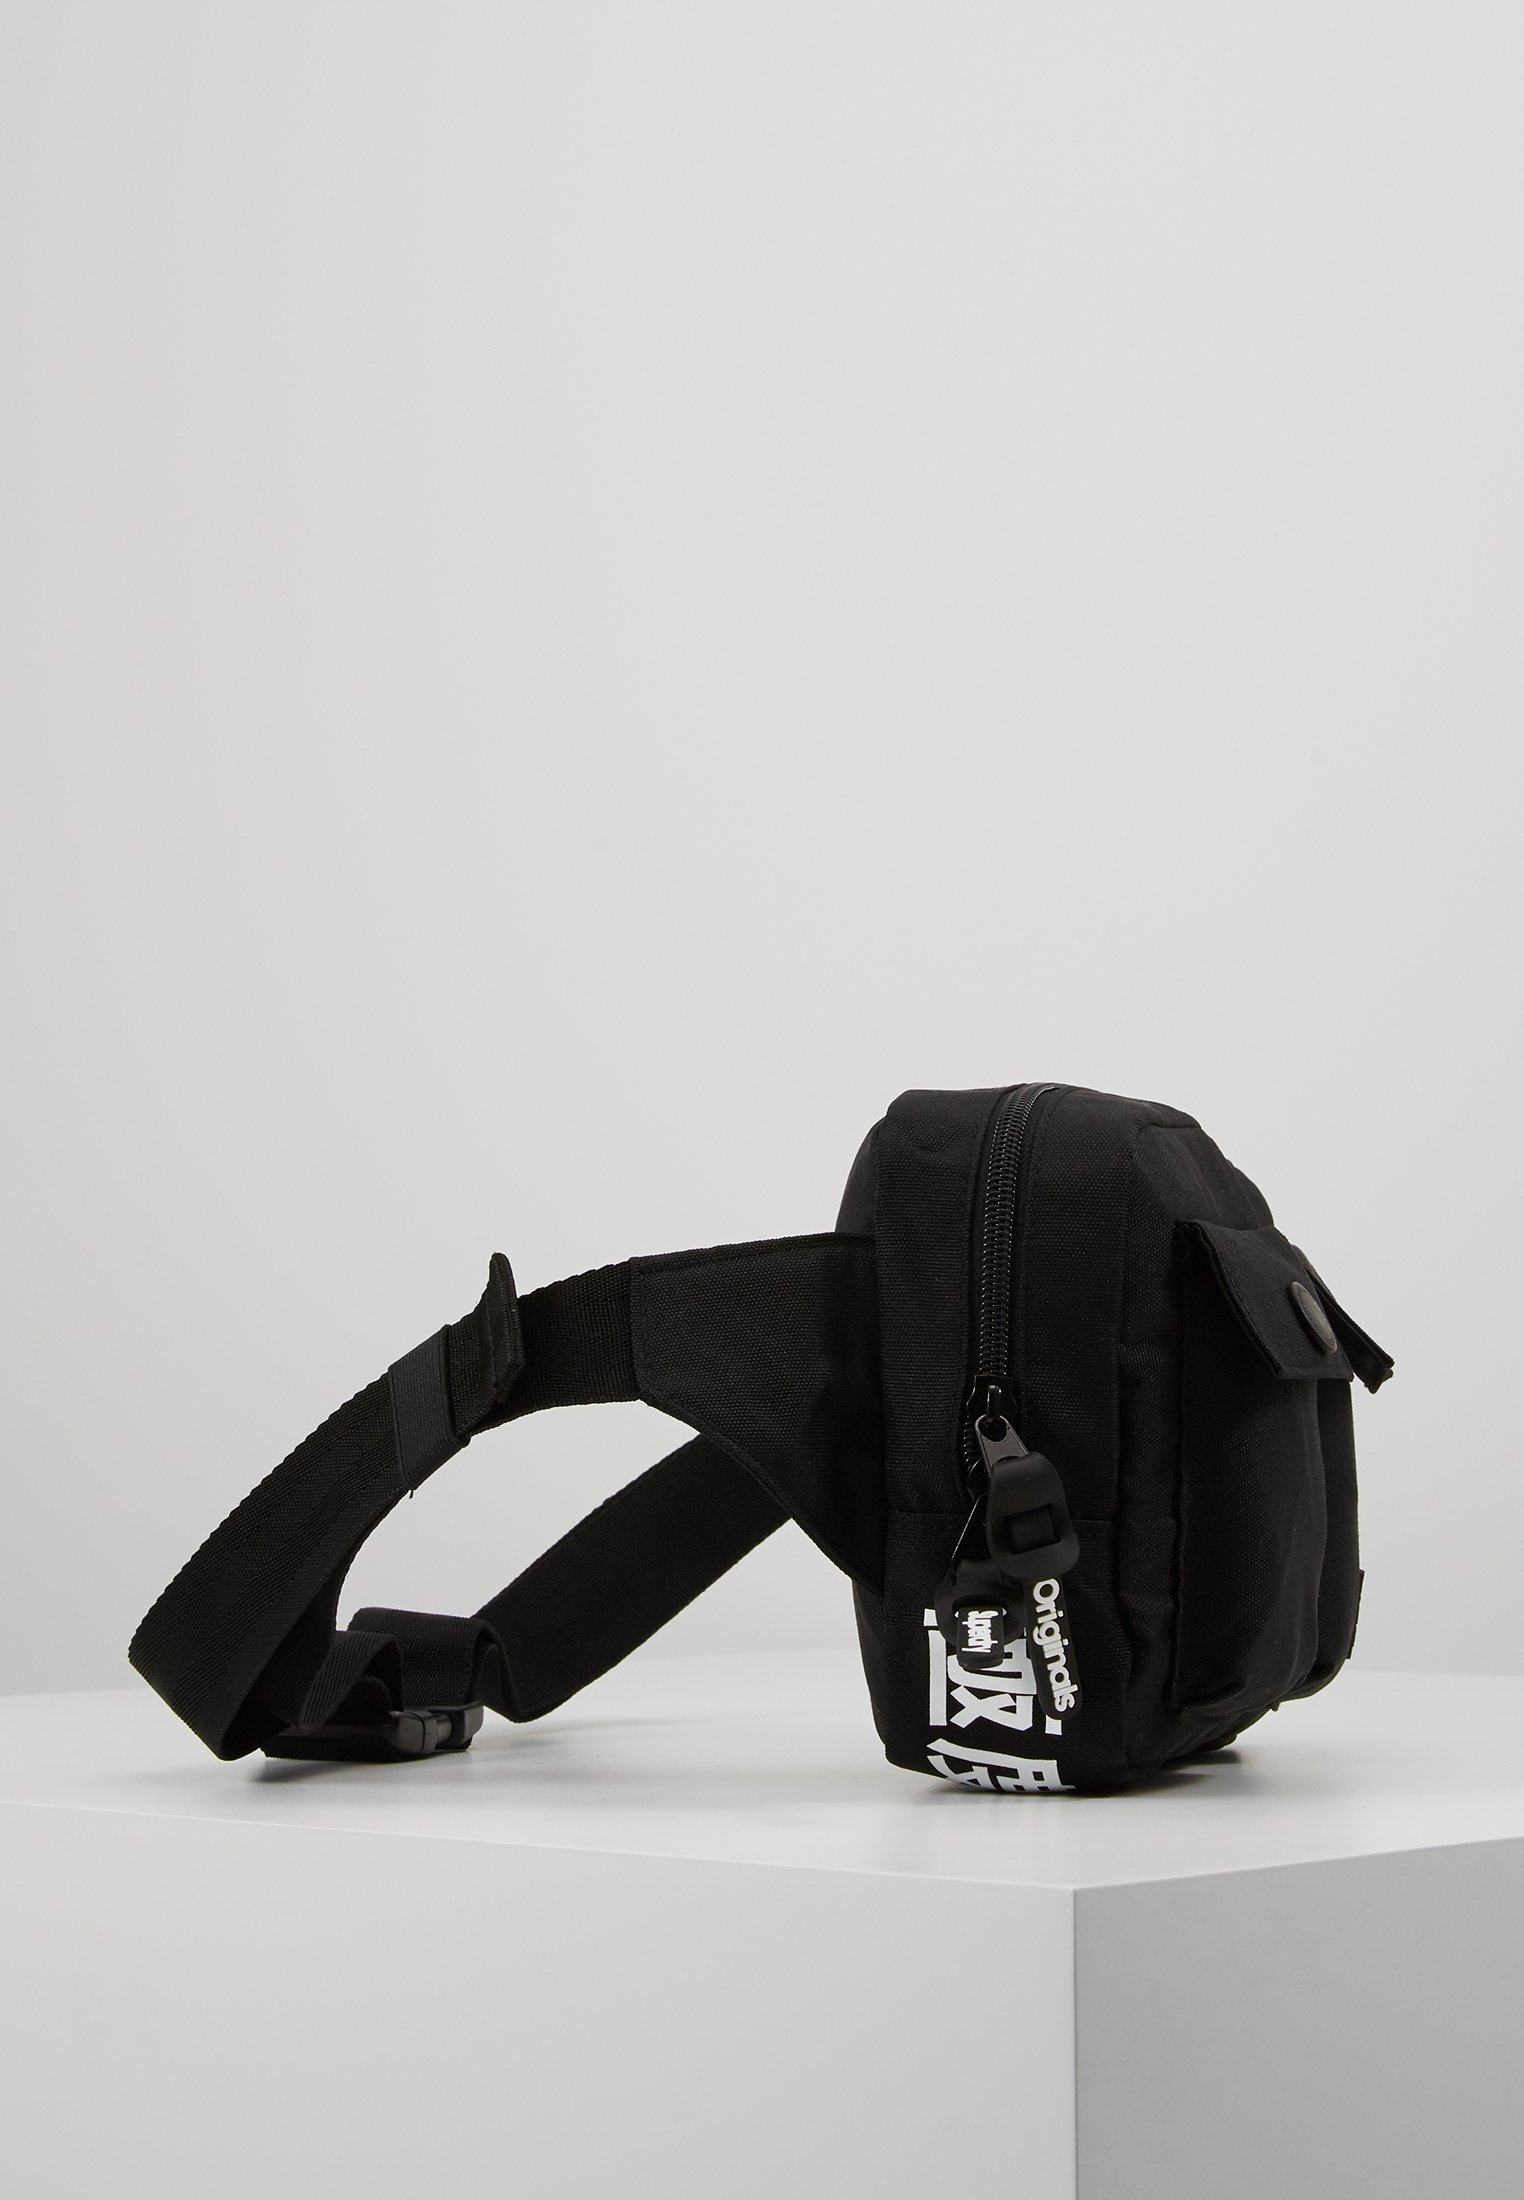 Superdry Scholar Utility Pack - Marsupio Black VOPa7OQ